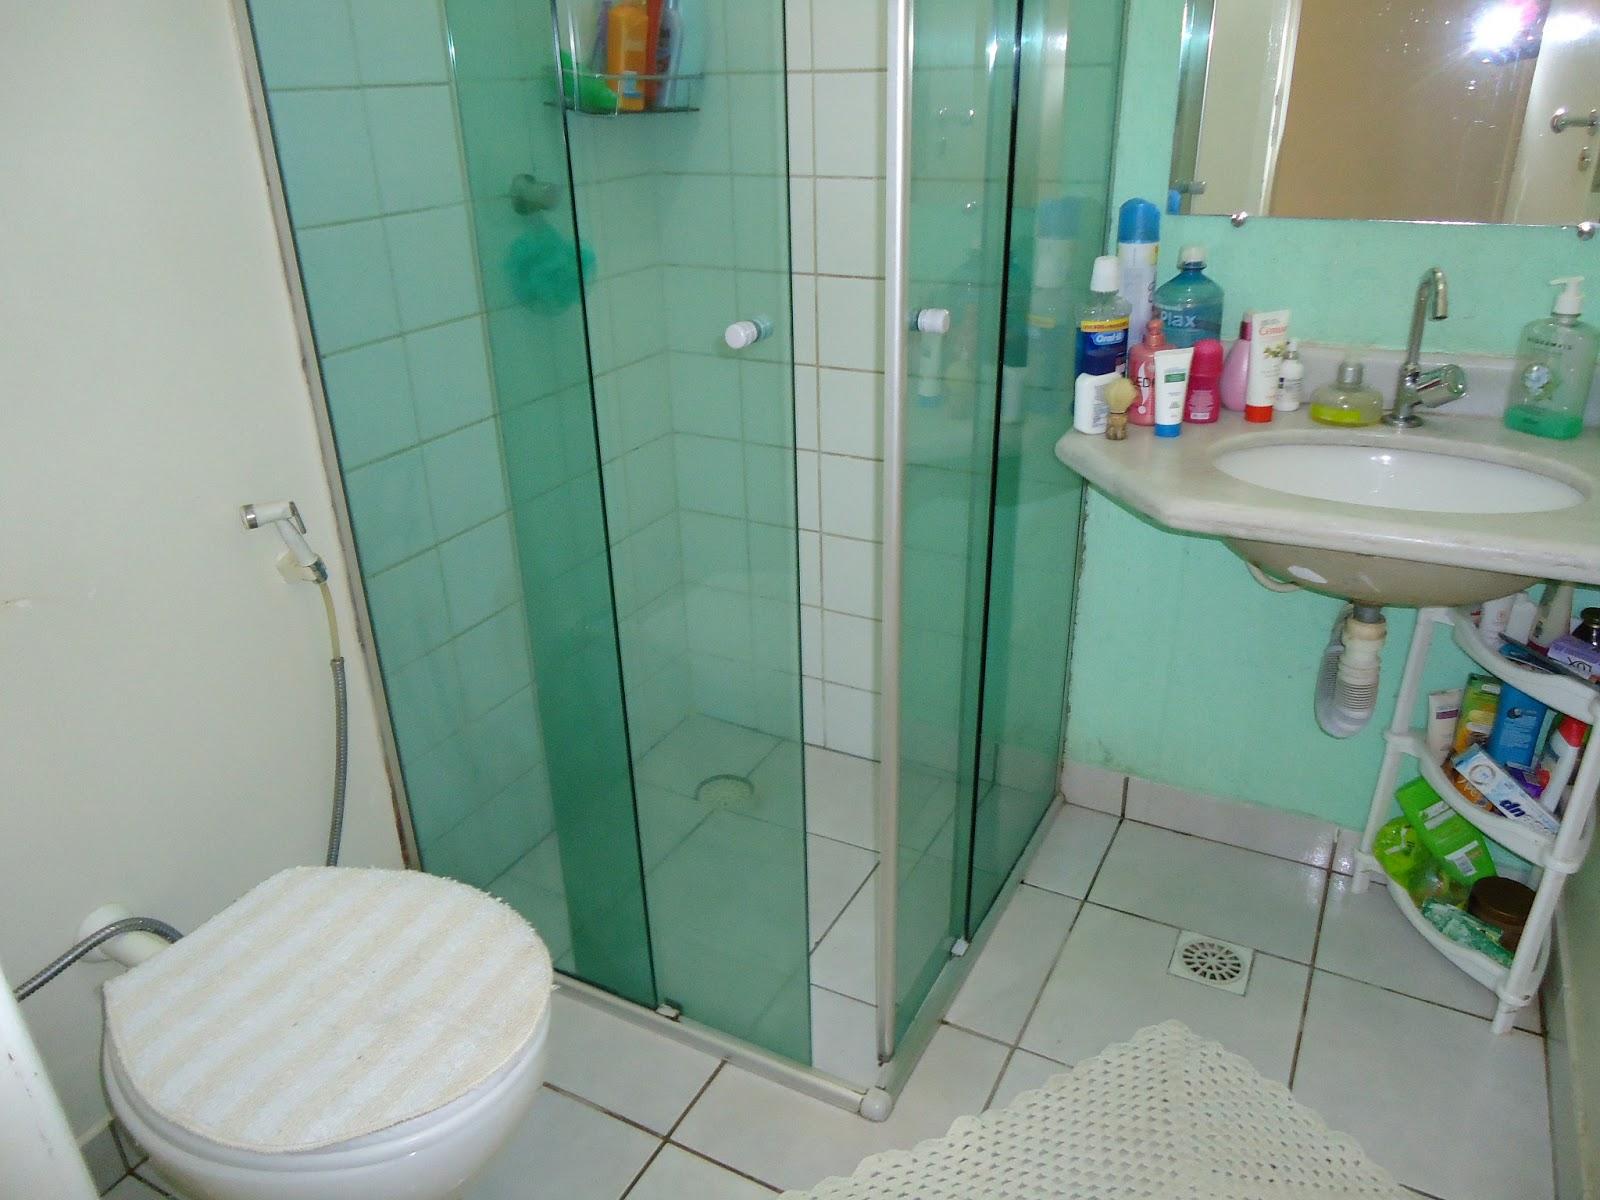 Realizando a Reforma O Antes e o depois de um pequeno banheiro -> Reformar Banheiro Pequeno Pouco Dinheiro